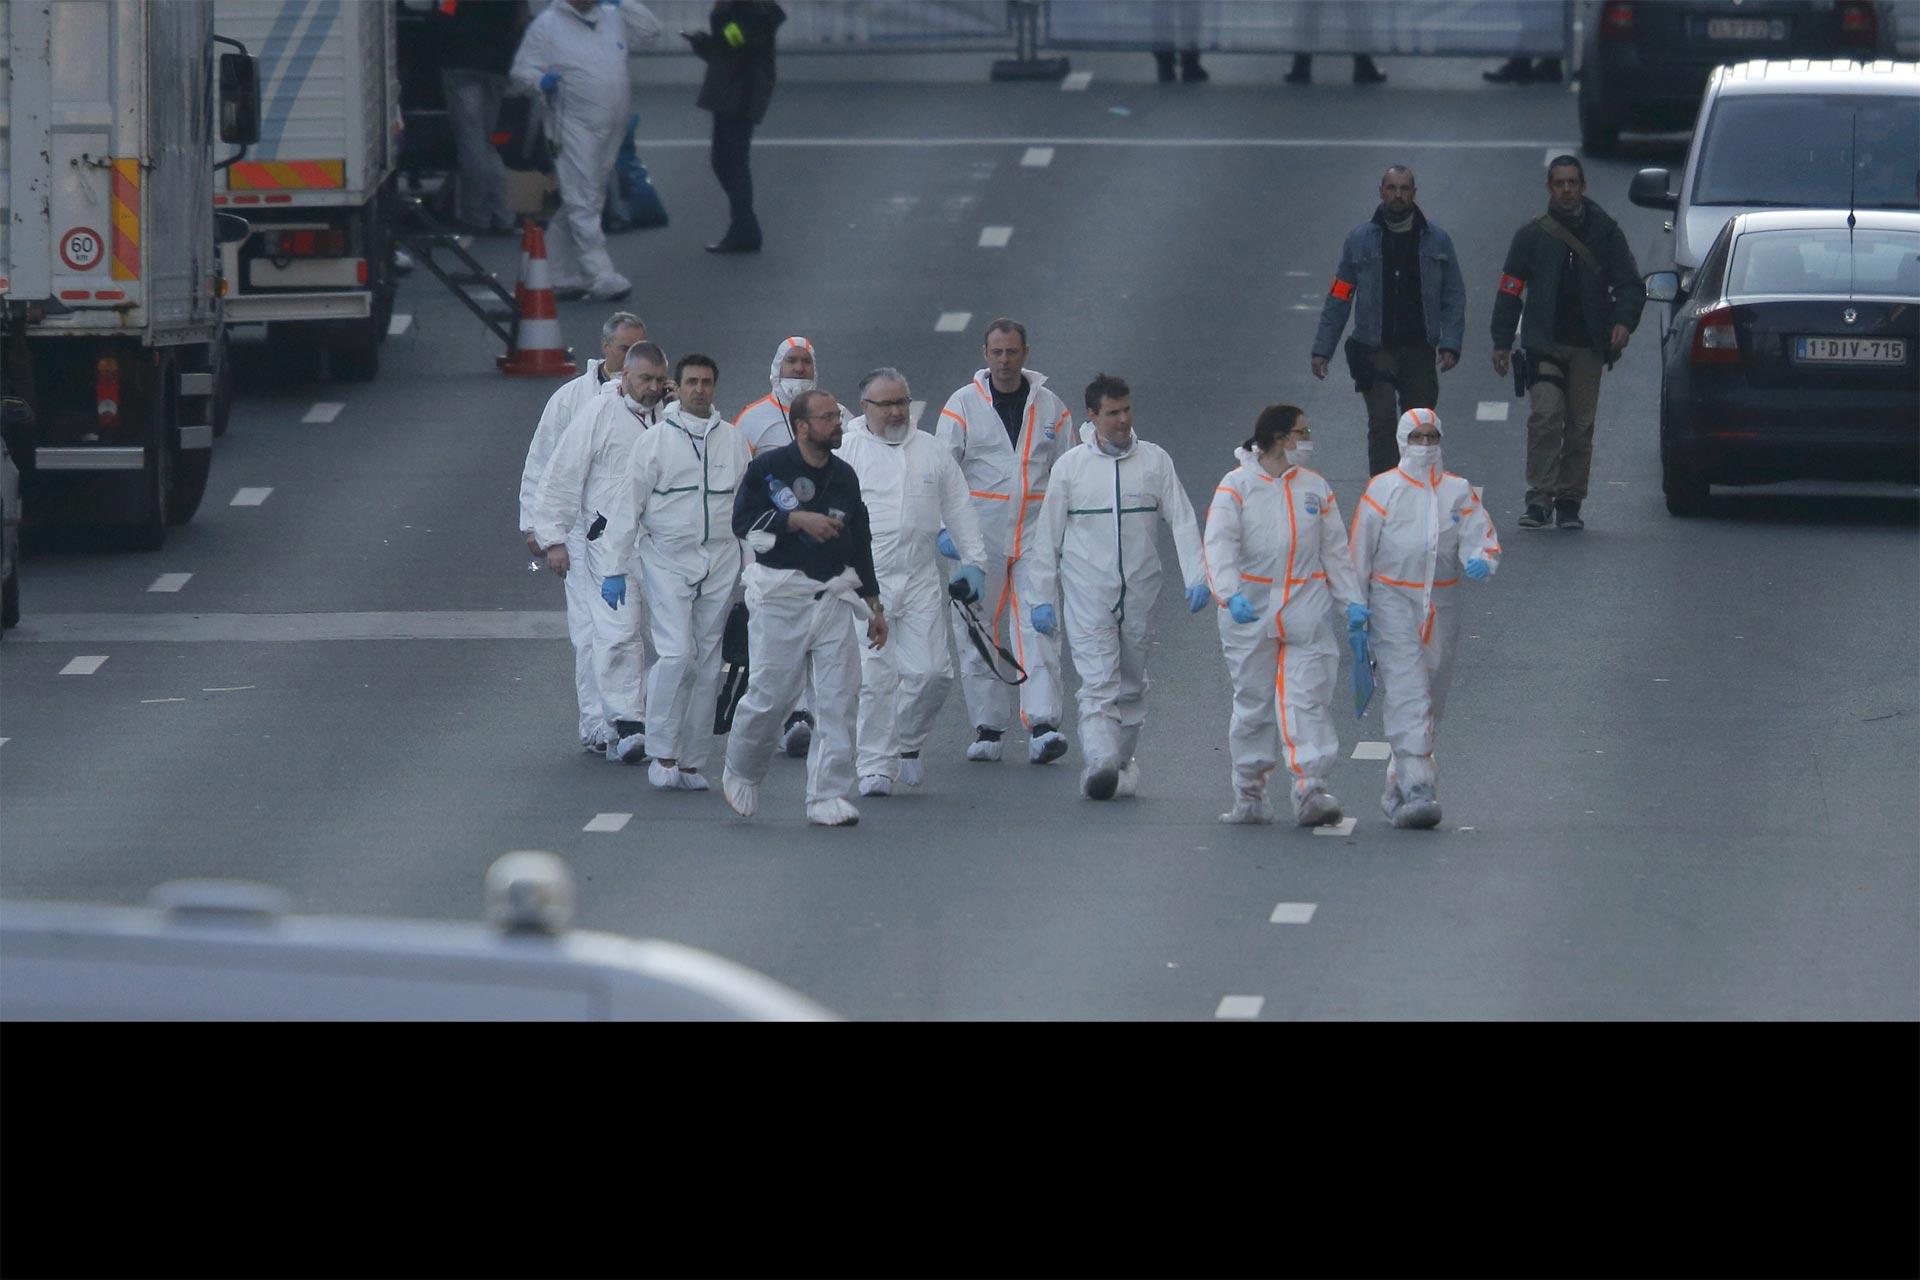 Dos hermanos estuvieron entre los atacantes en Bruselas. Conoce otros casos similares